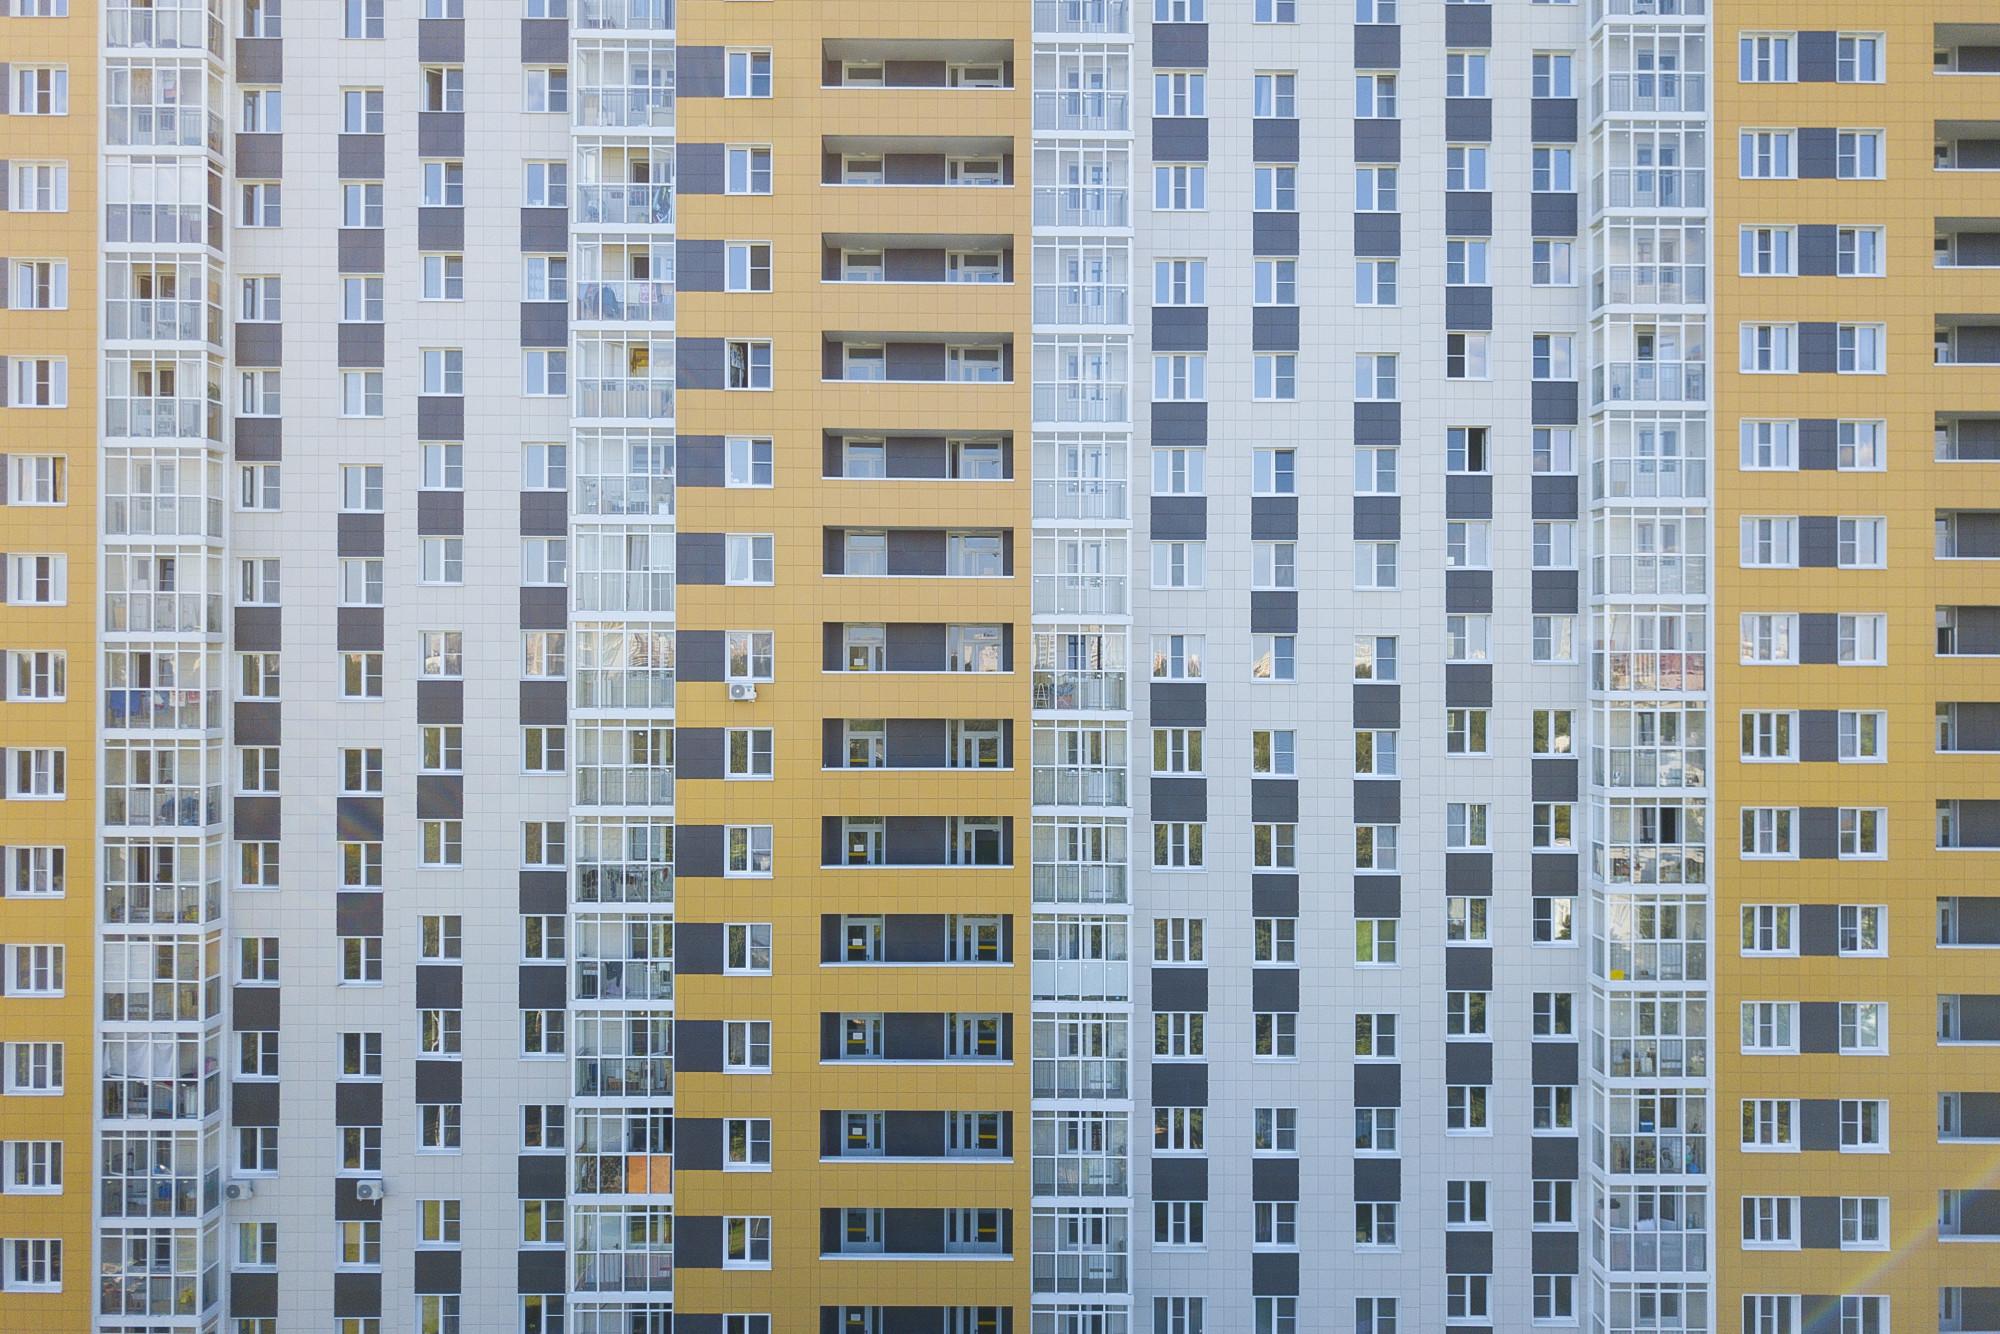 Почему реновацию Собянина встретили в штыки только, процессе, комната, этого, просто, остальное, новая, домов, автора, сейчас, многие, мебель, более, нового, увеличилась, пространства, квартира, журнал, пришлось, блоге